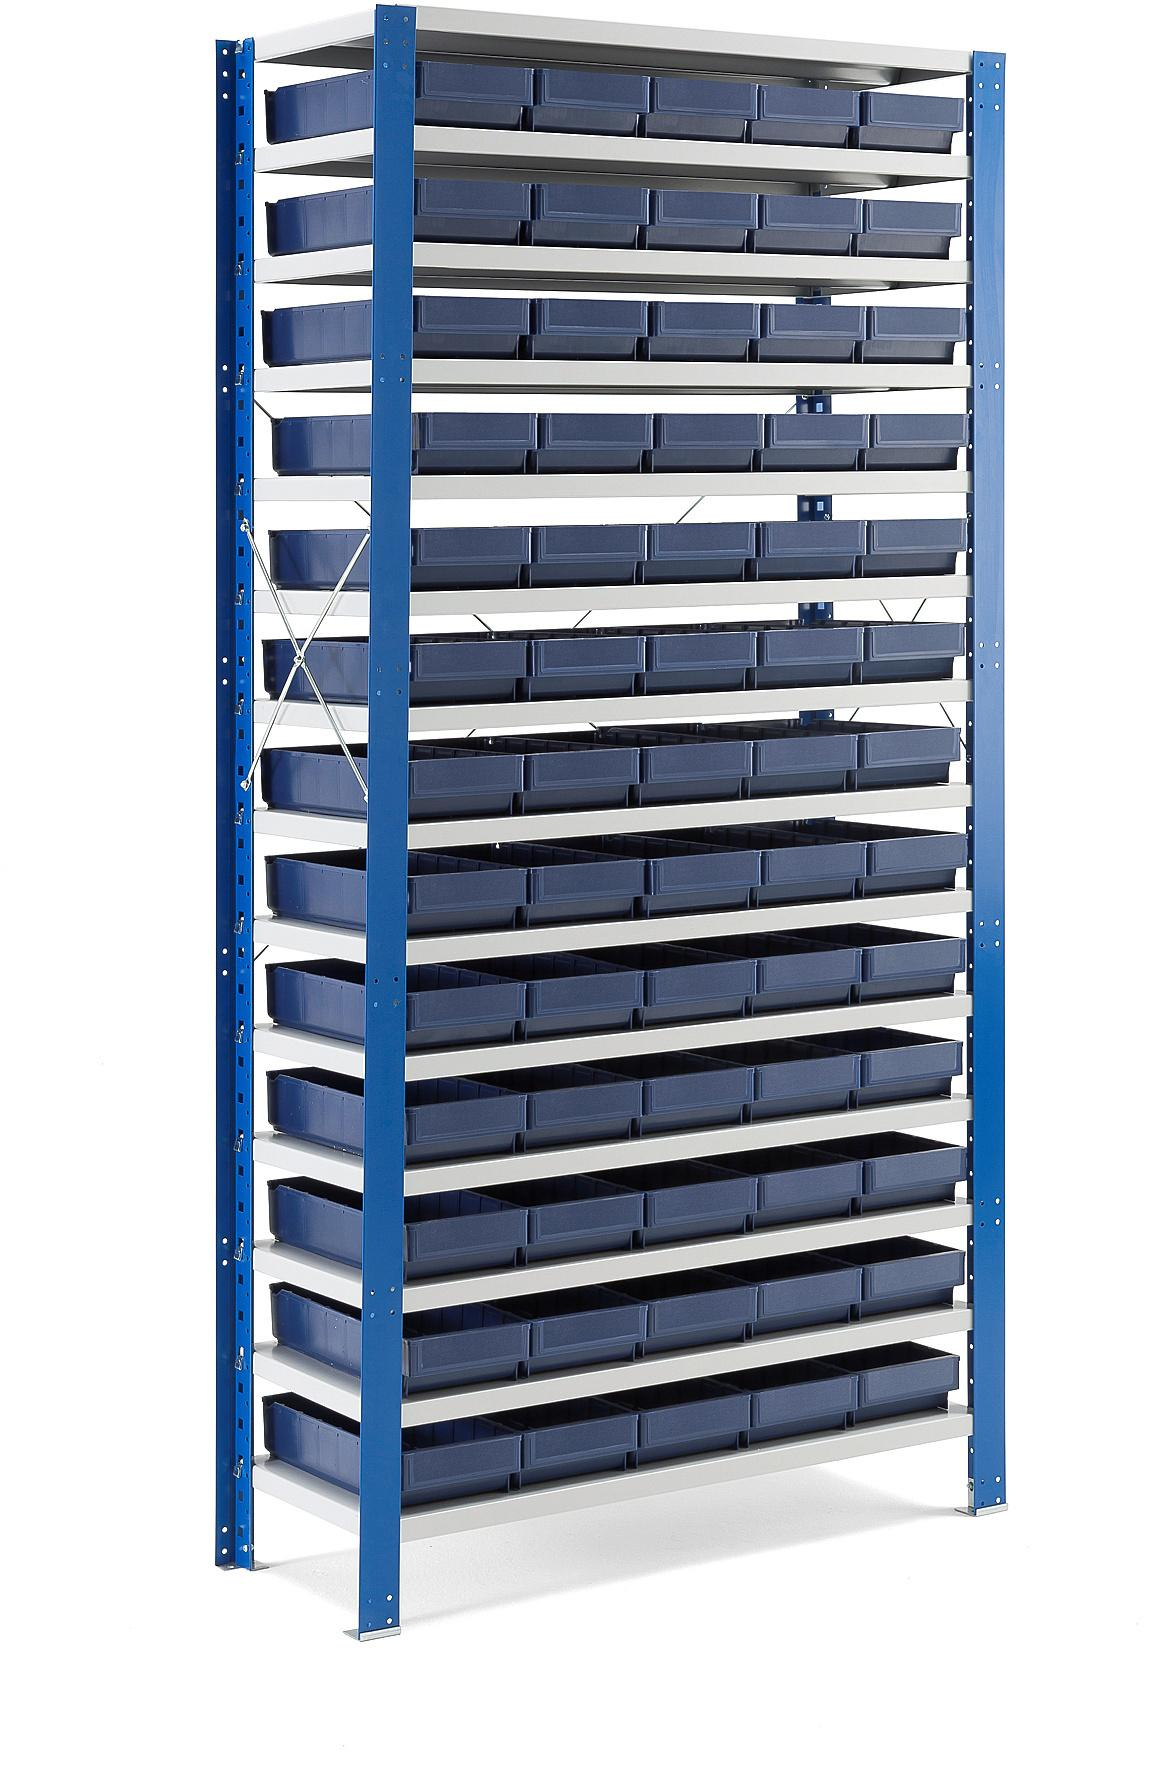 Regál na plastové boxy, 65 boxov, 2100x1000x400 mm, modré boxy